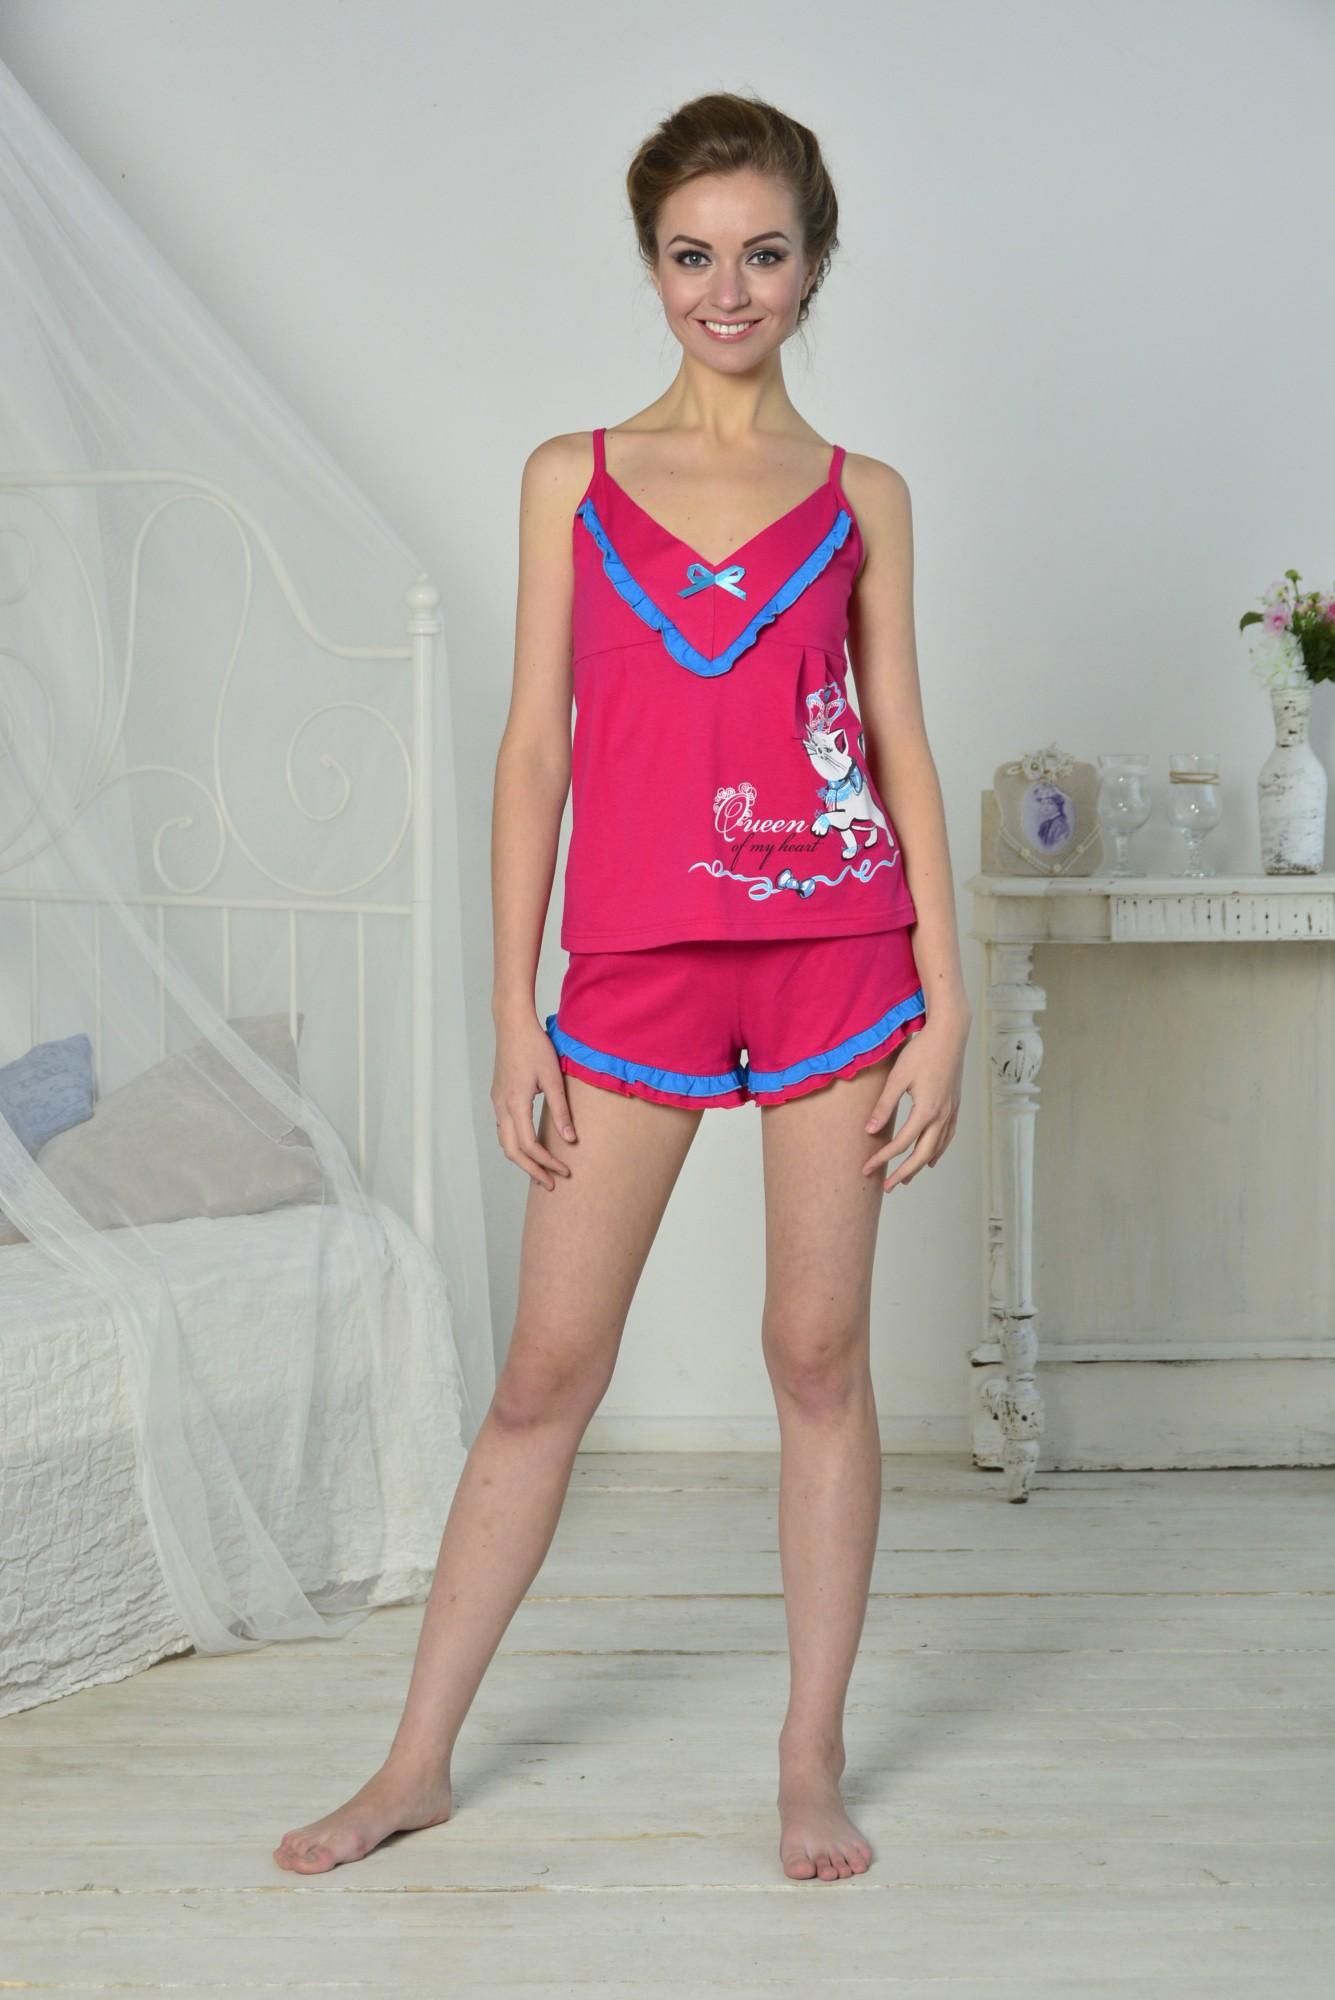 Пижама женская Королева майка +шортыПижамы<br><br><br>Размер: 42